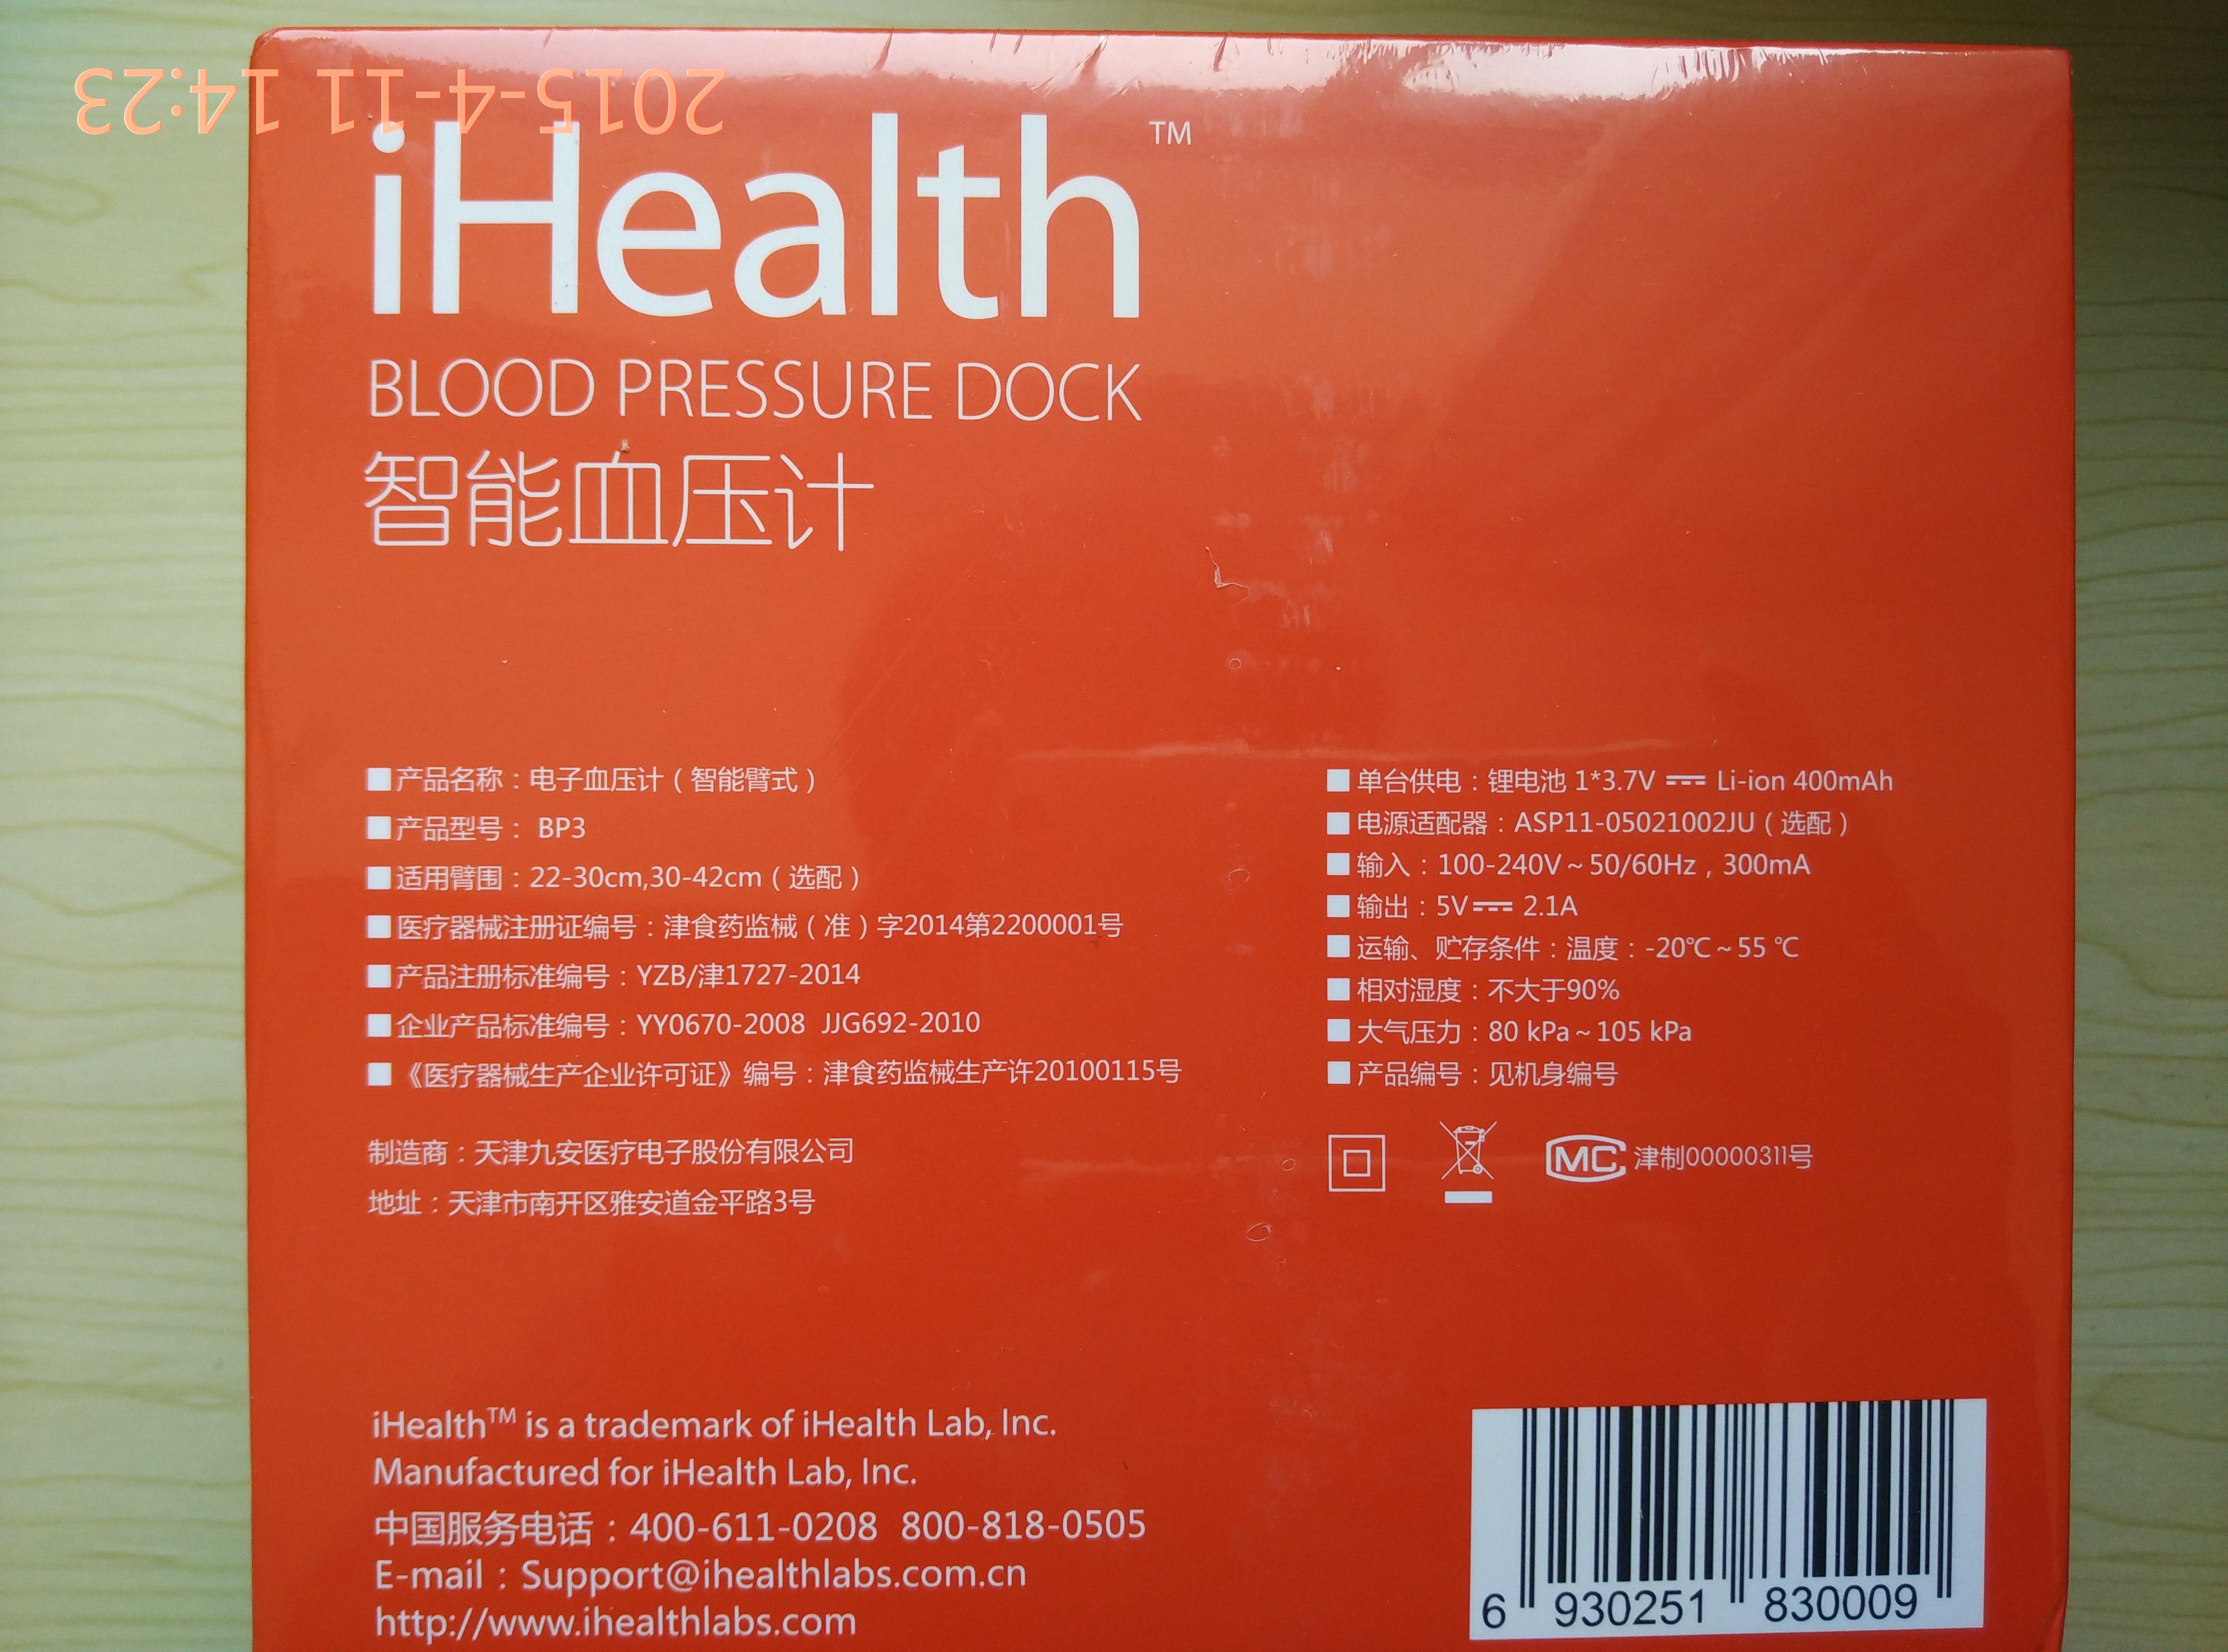 ihealth智能血压计开箱美图及简要解说